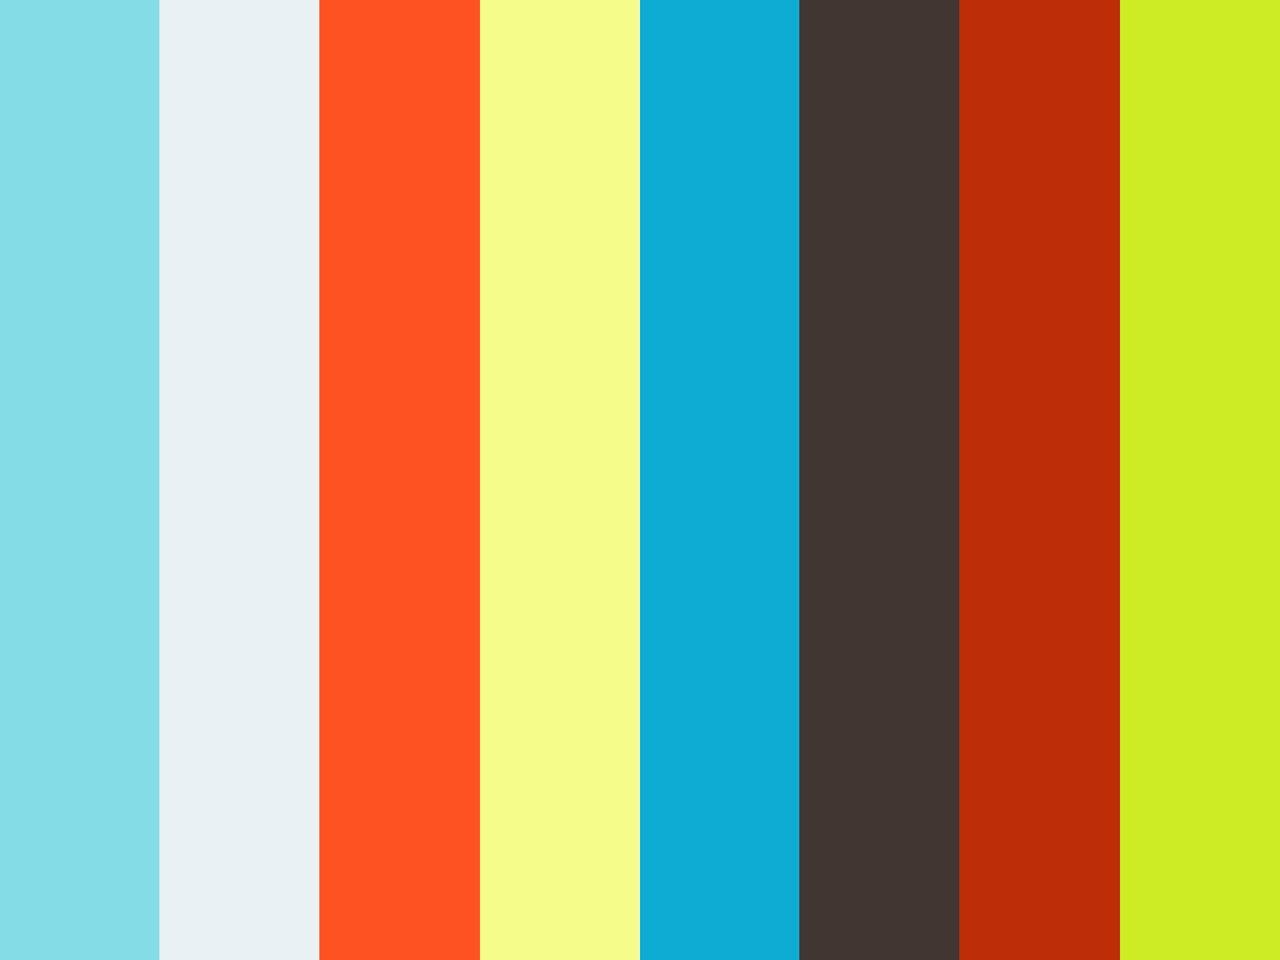 FILLED_6_CounterCulture_DaultonMorock-HD 720p